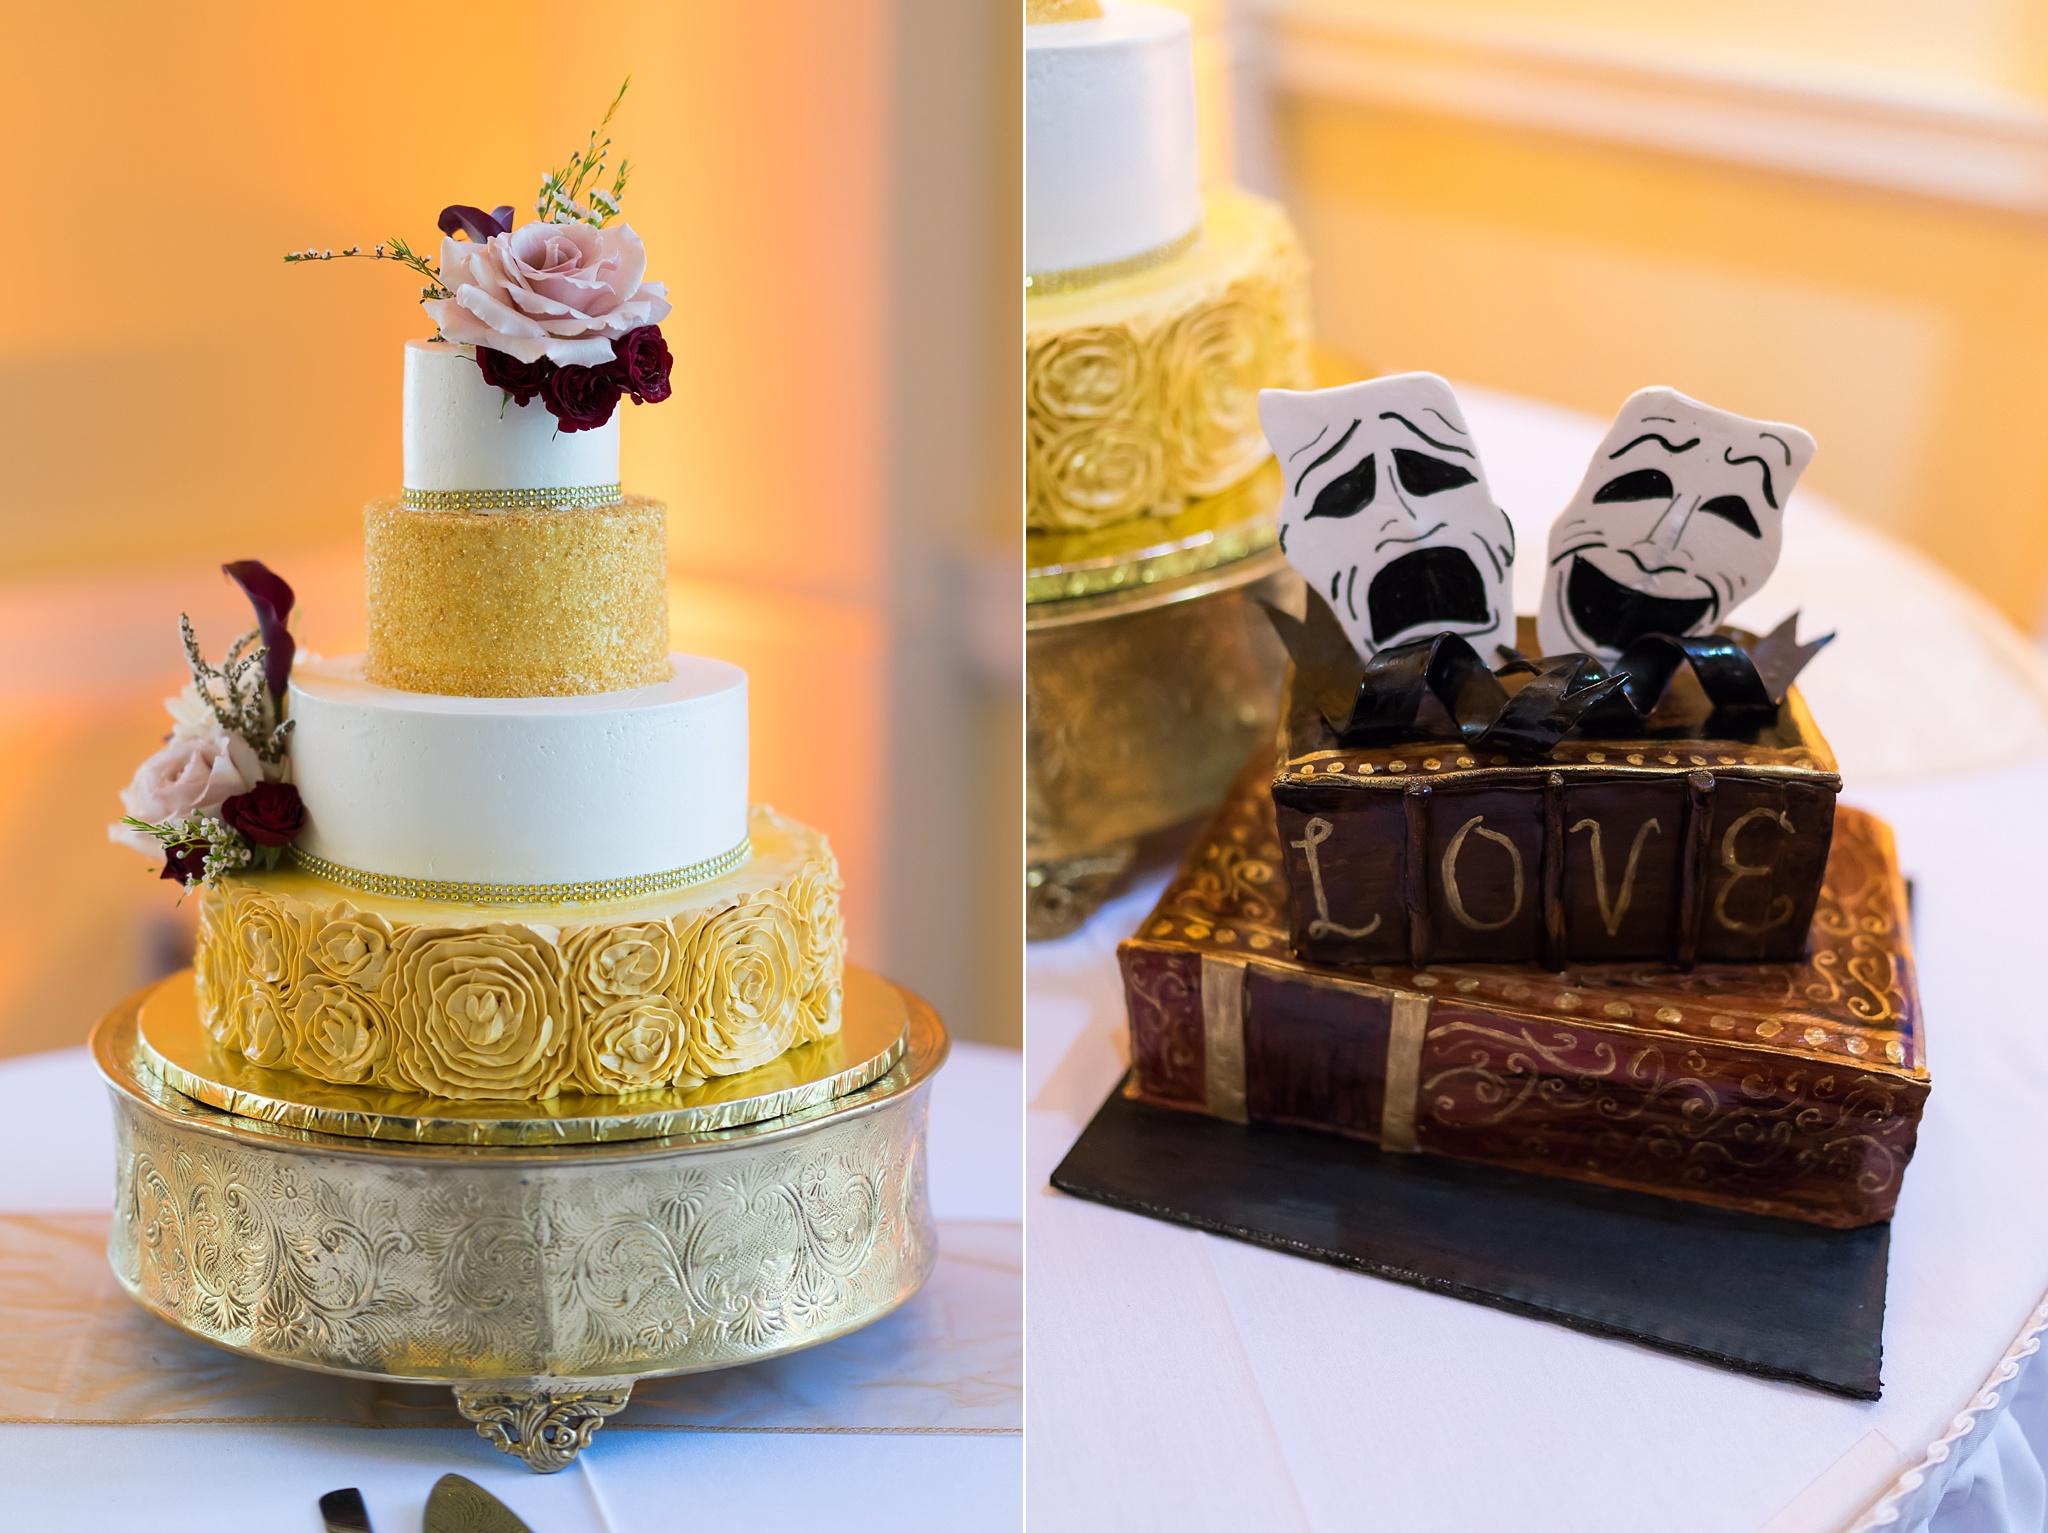 TommyandAmanda_WEDDING_BrienneMichelle_Details_18_BLOG.jpg